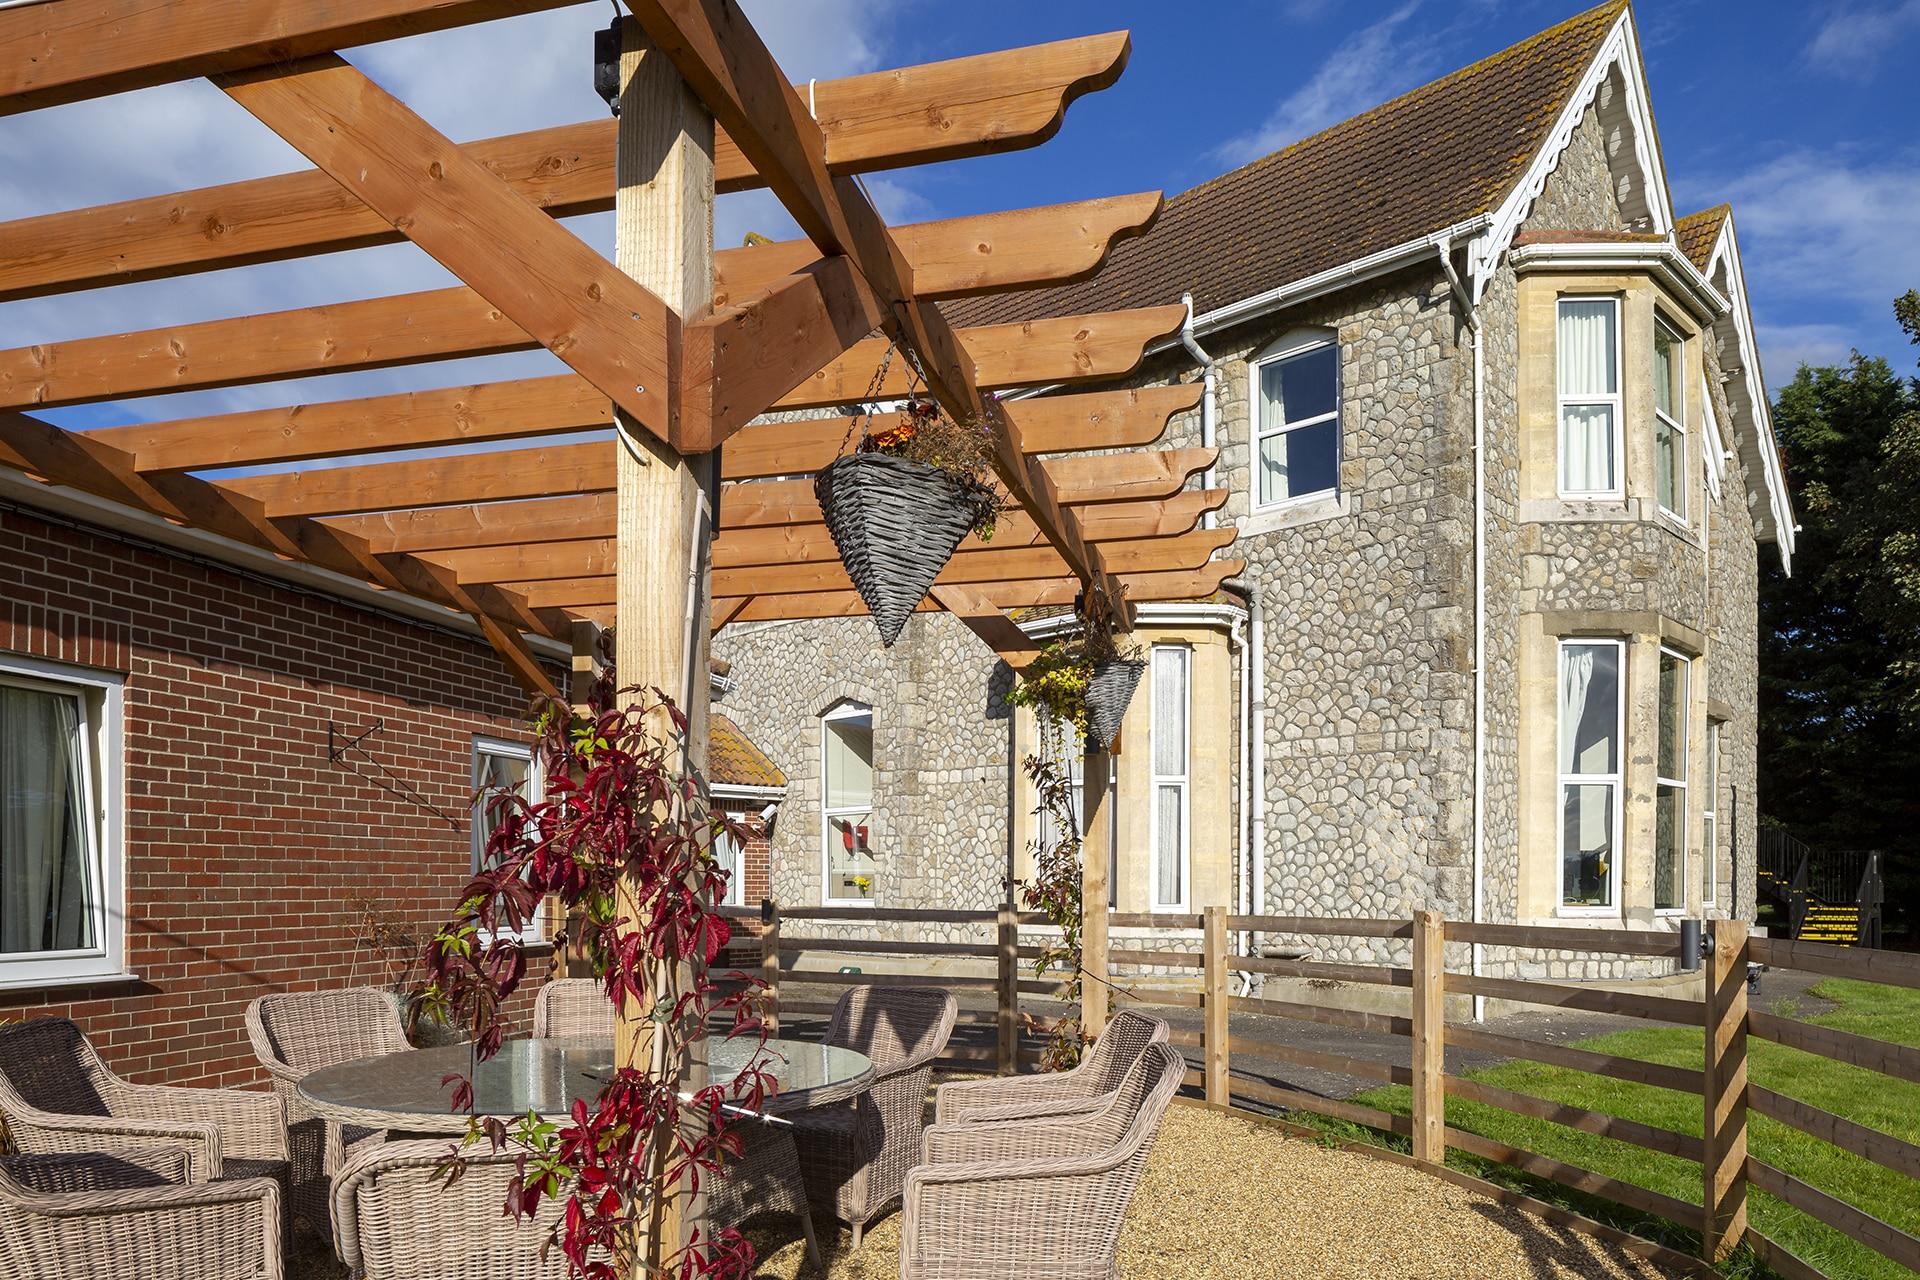 Stambridge Meadows Care Home garden seating area